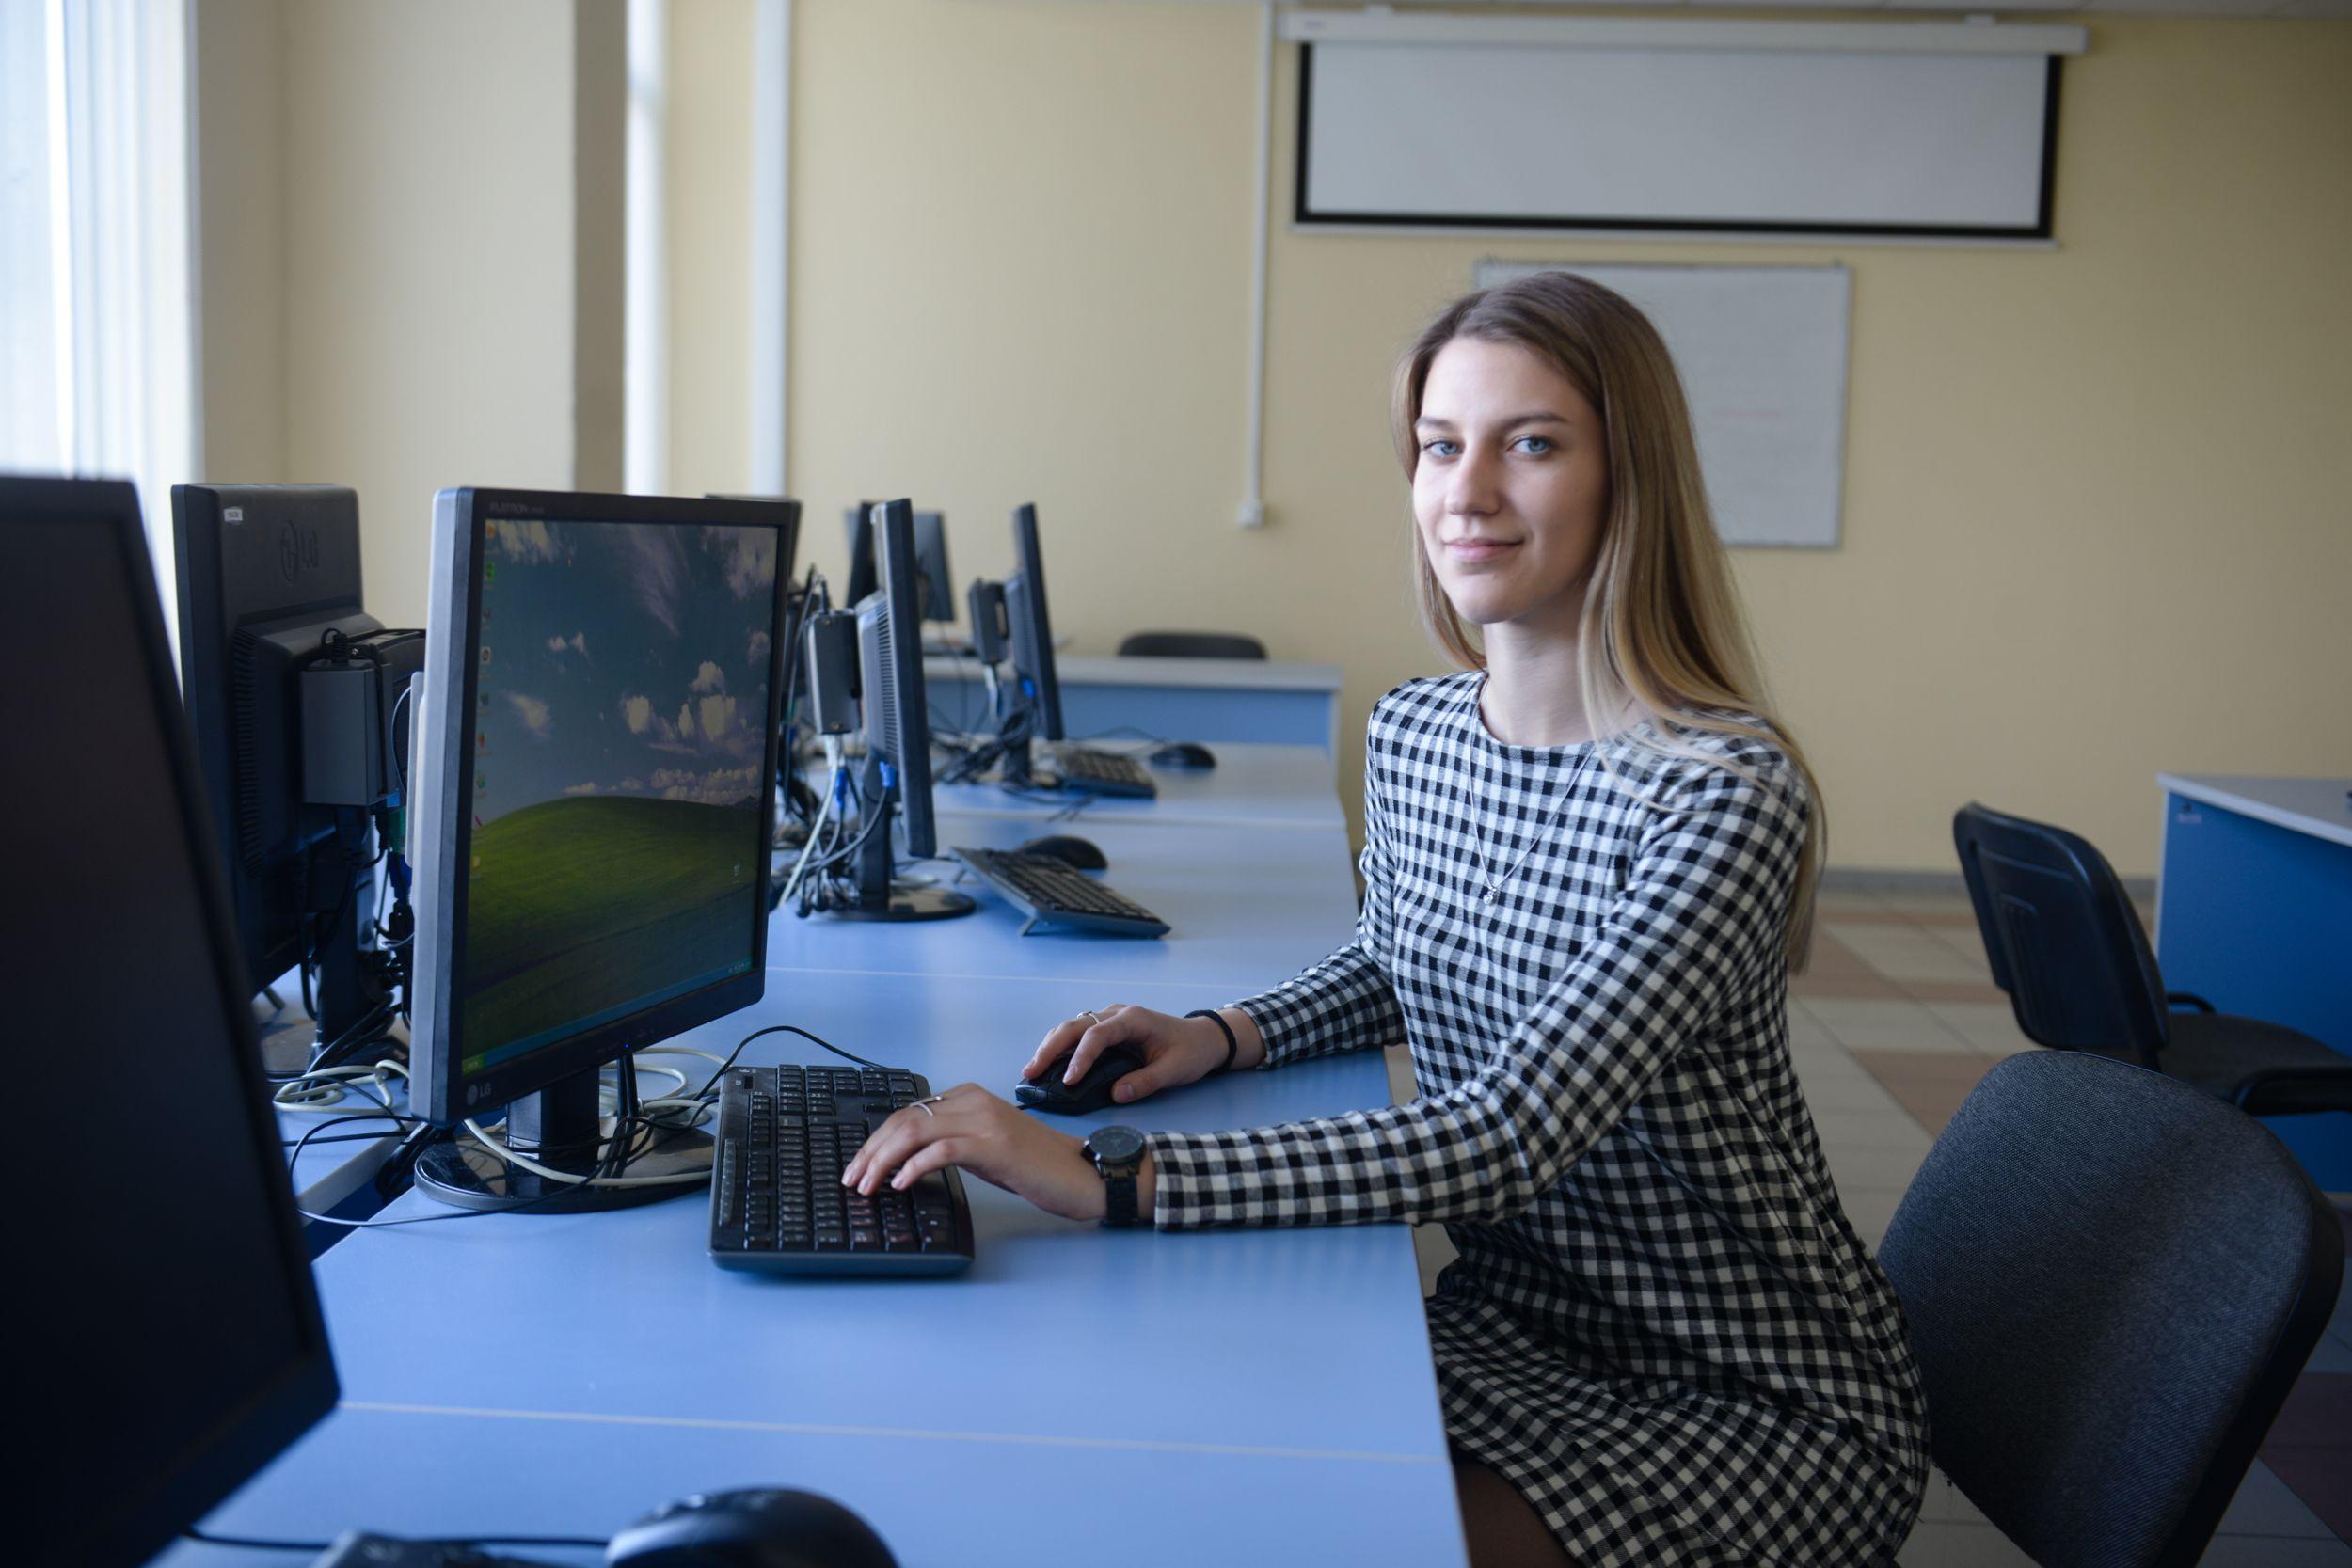 МГУ проведет около 40 бесплатных онлайн-курсов